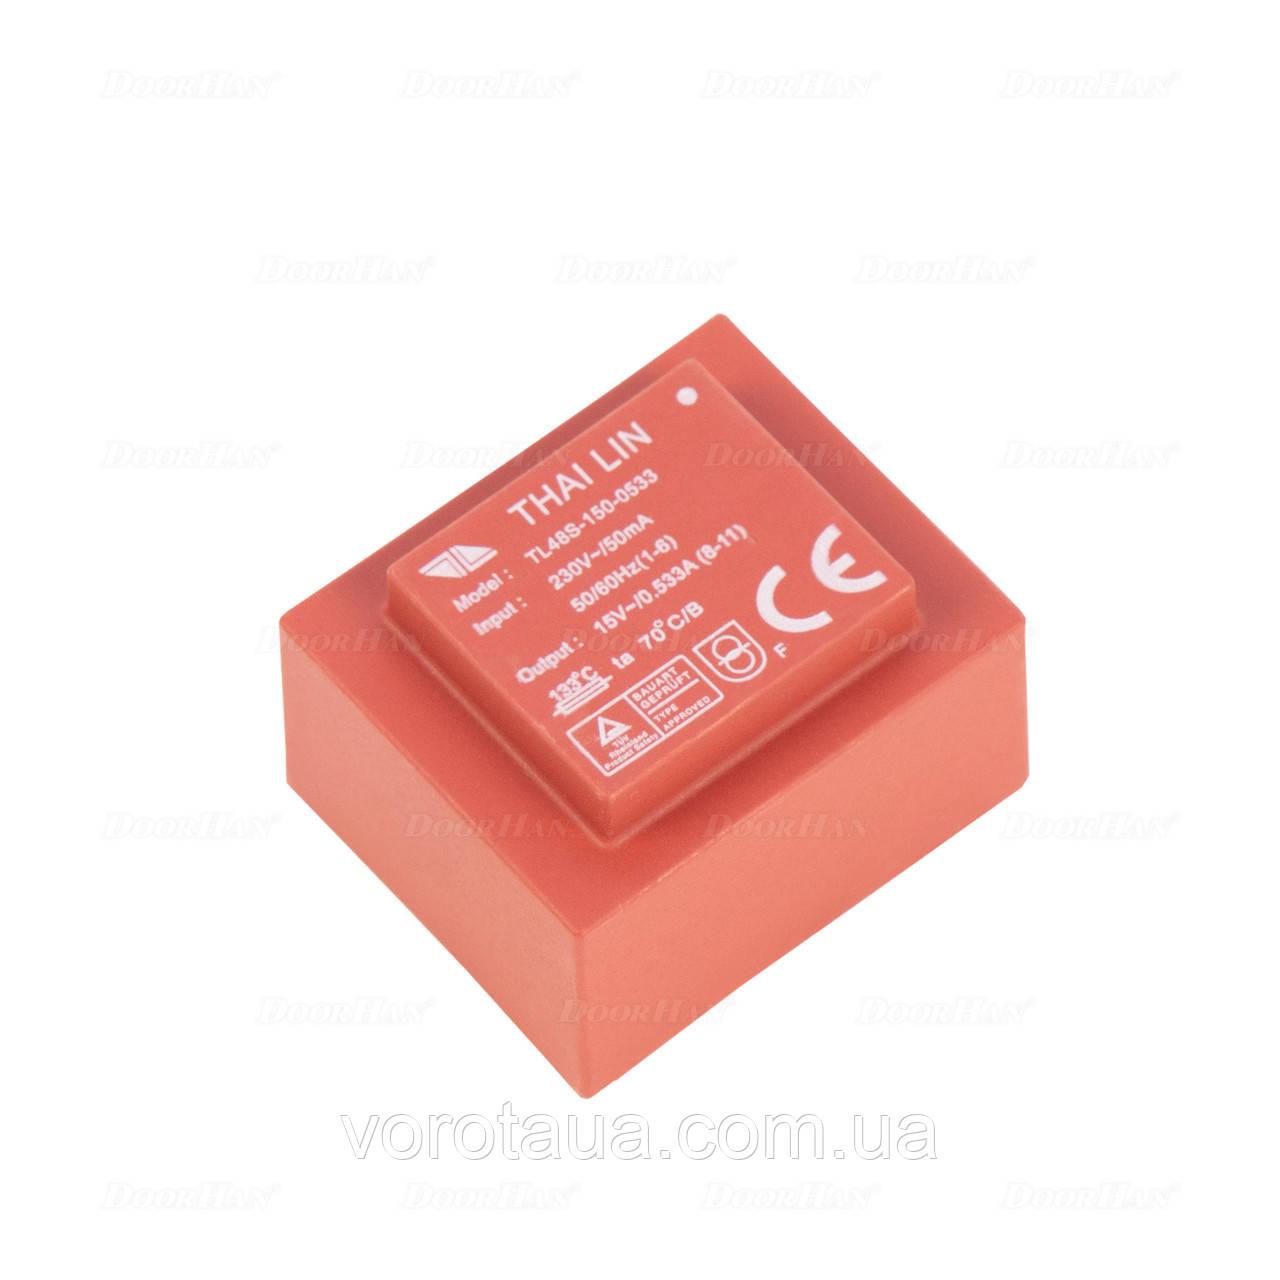 Трансформатор DHSL105 NEW для плати DoorHan PCB-SL